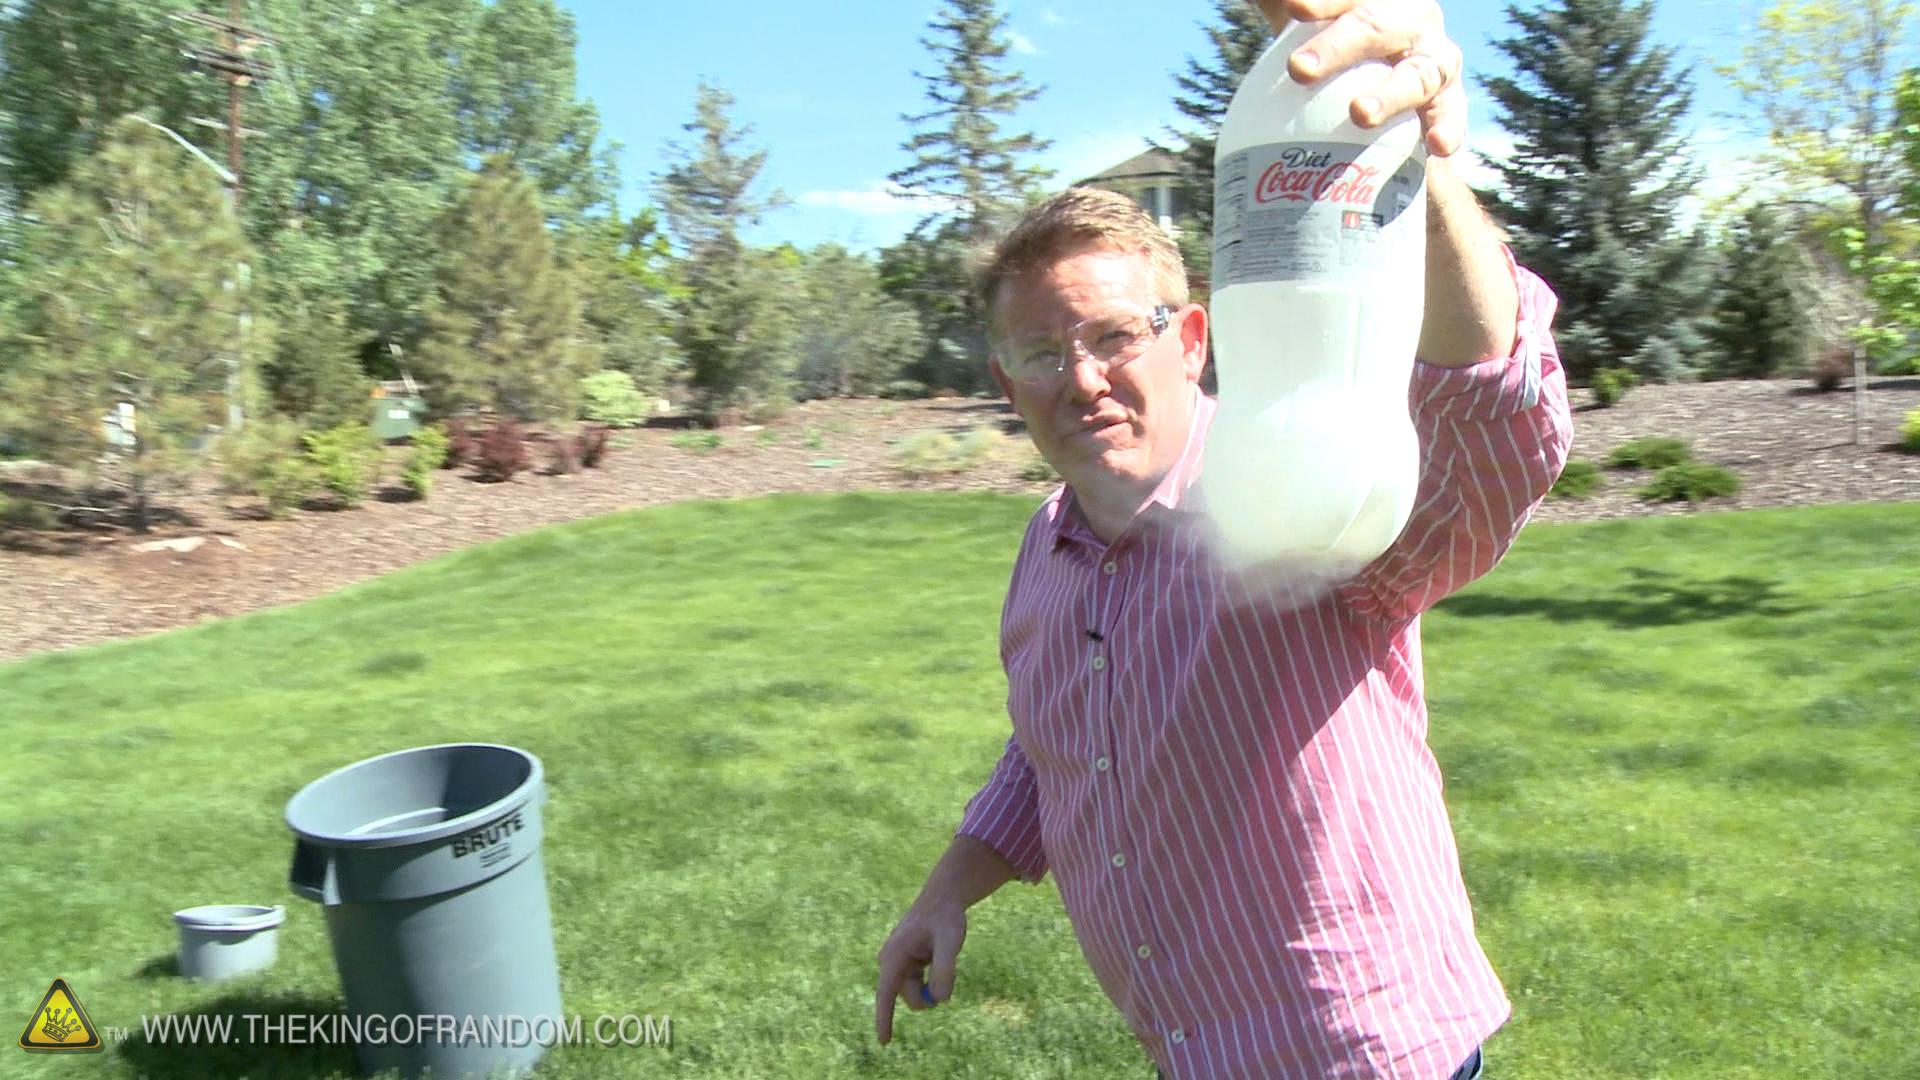 Picture of Trash Can Rocket - Steve Spangler